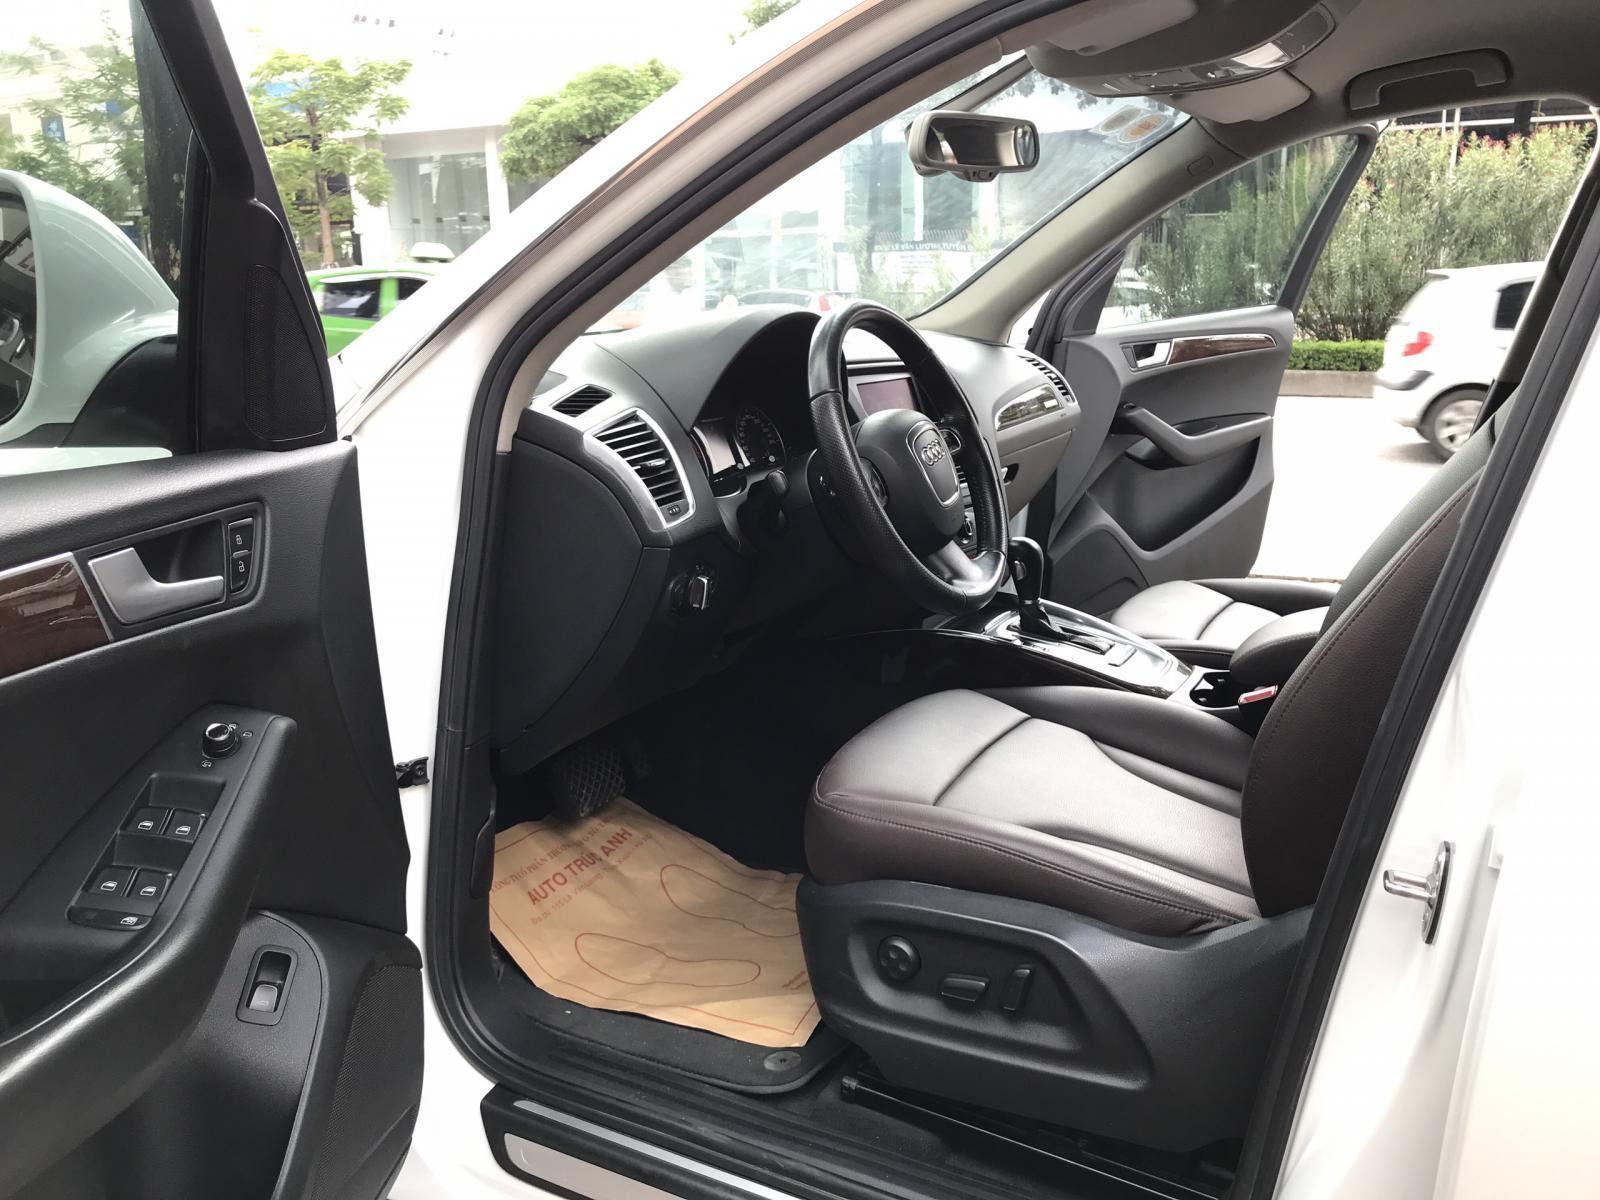 Audi Q5 2013 – Chuẩn mực của sự hoàn hảo. Xe sang nhập khẩu mà giá của xe Nhật, cực kỳ đáng yêu